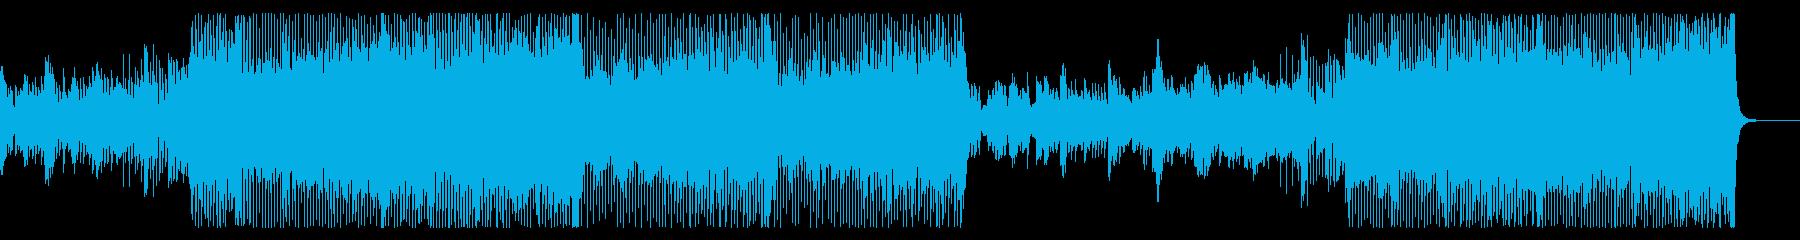 ジャズっぽいダンスミュージックですの再生済みの波形